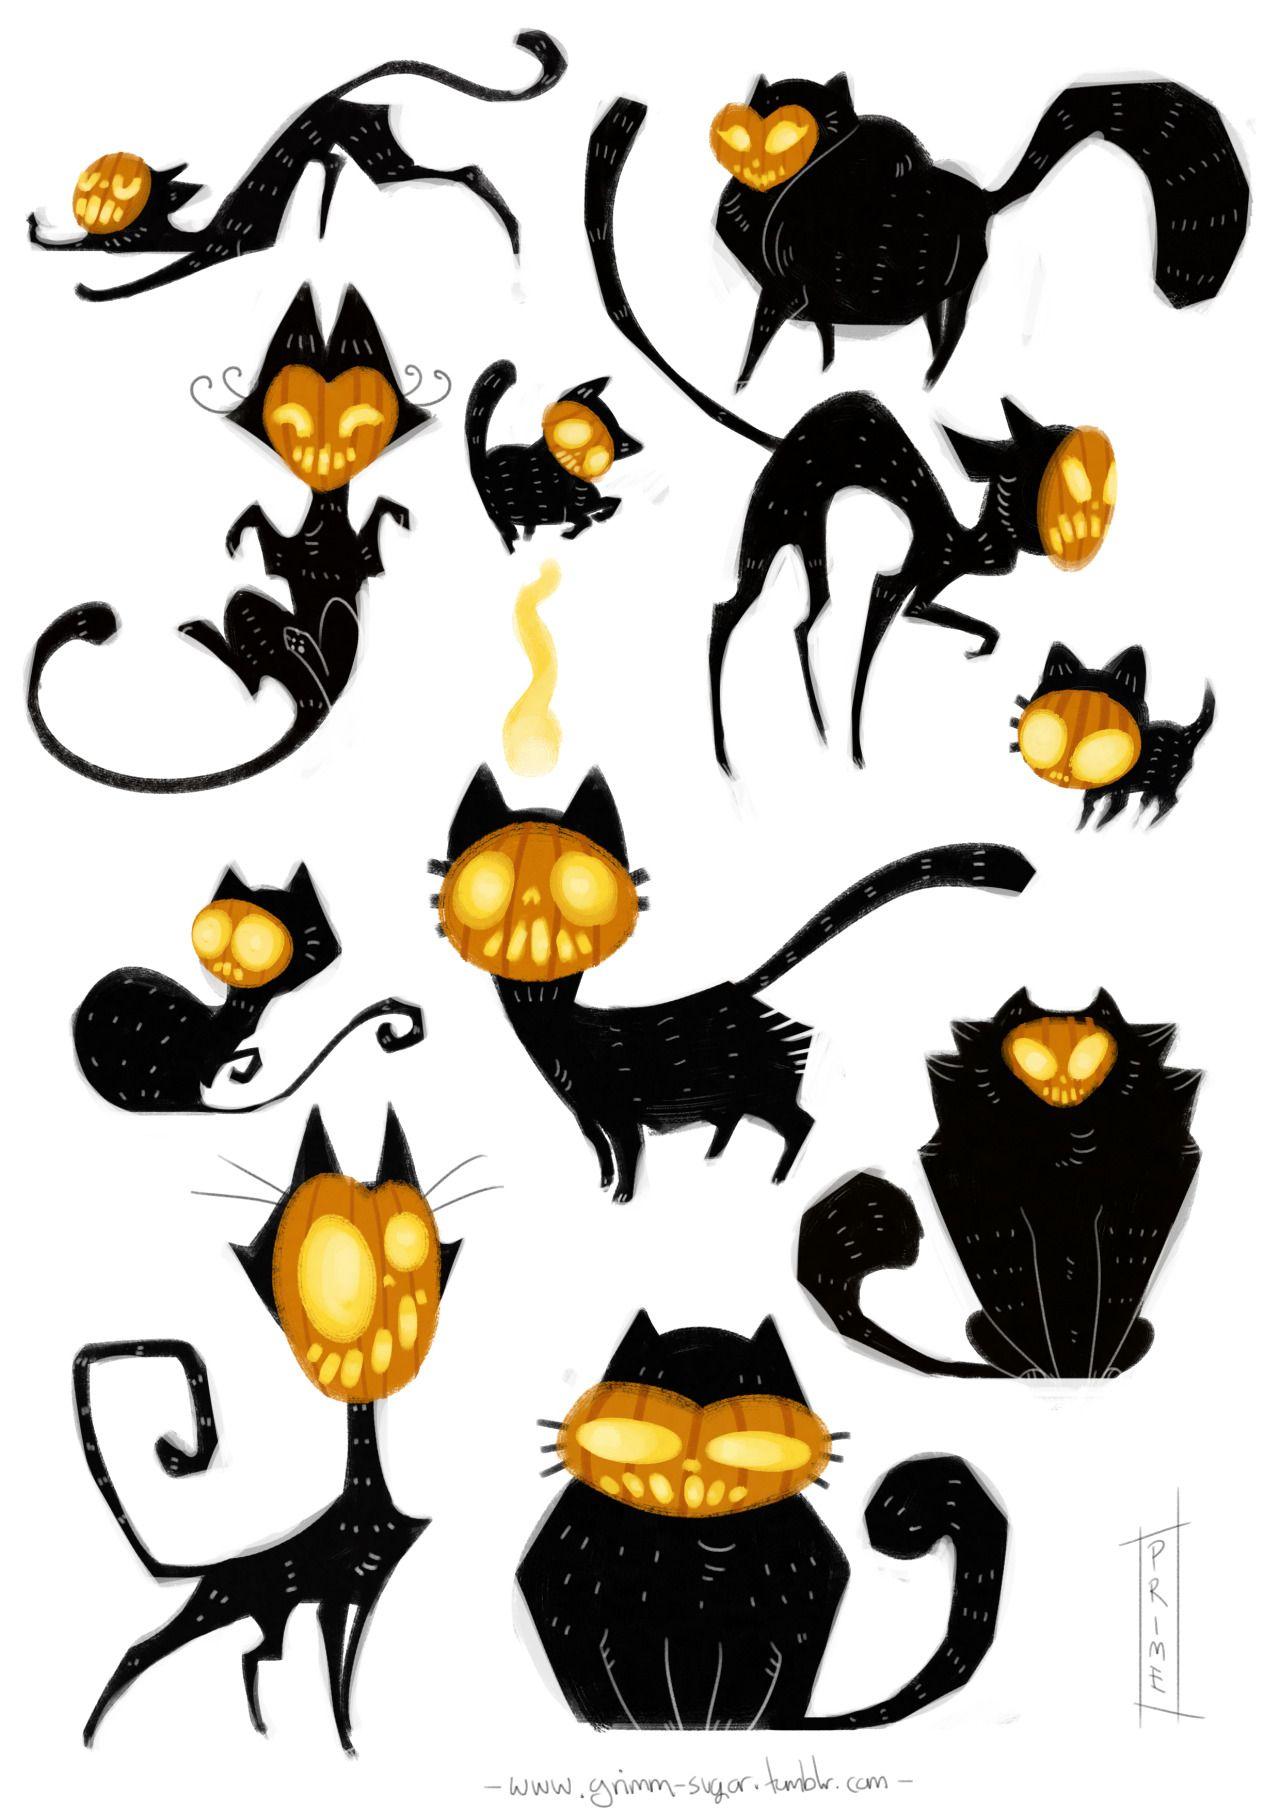 Pin de Ariel Thilly en Chat alors ! | Pinterest | Anatomía animal ...